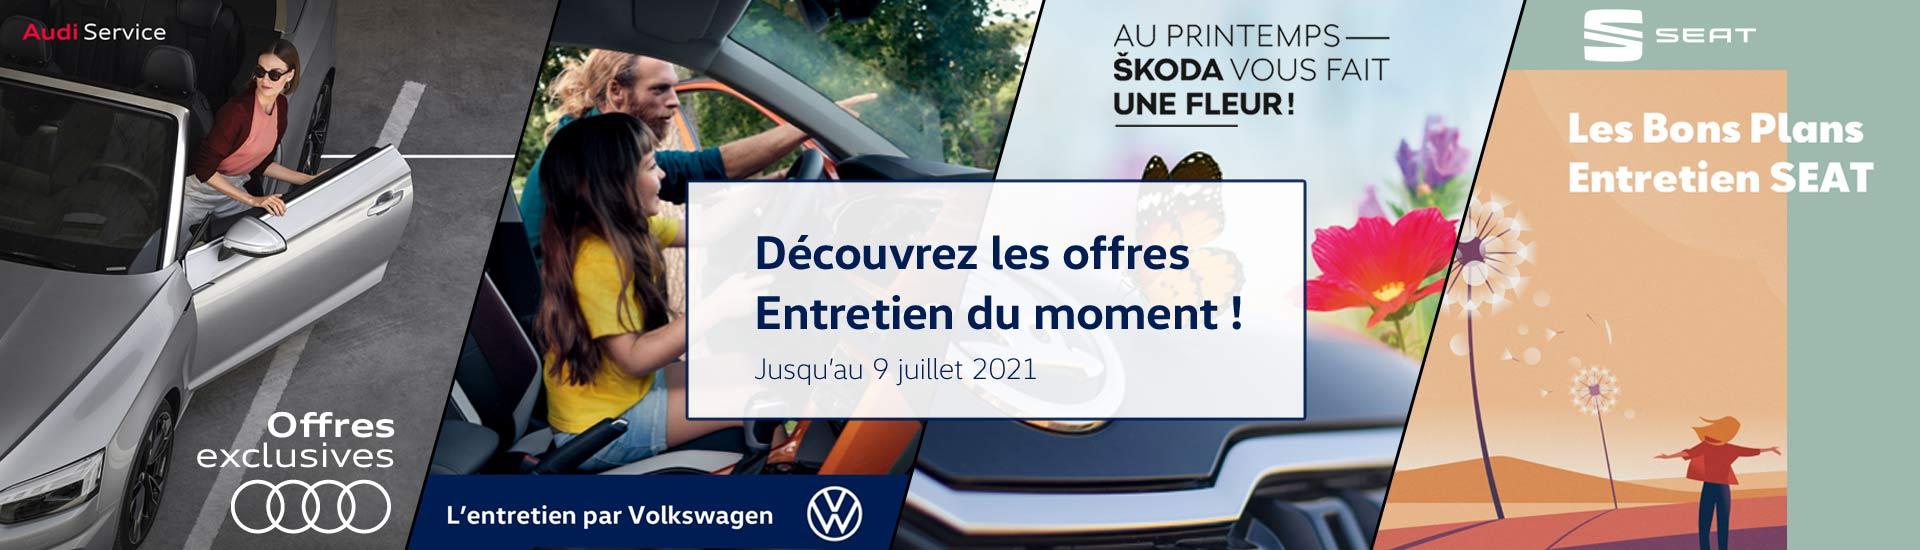 Les offres Entretien du moment - Volkswagen, Audi, Seat et Skoda à Angers et Saumur